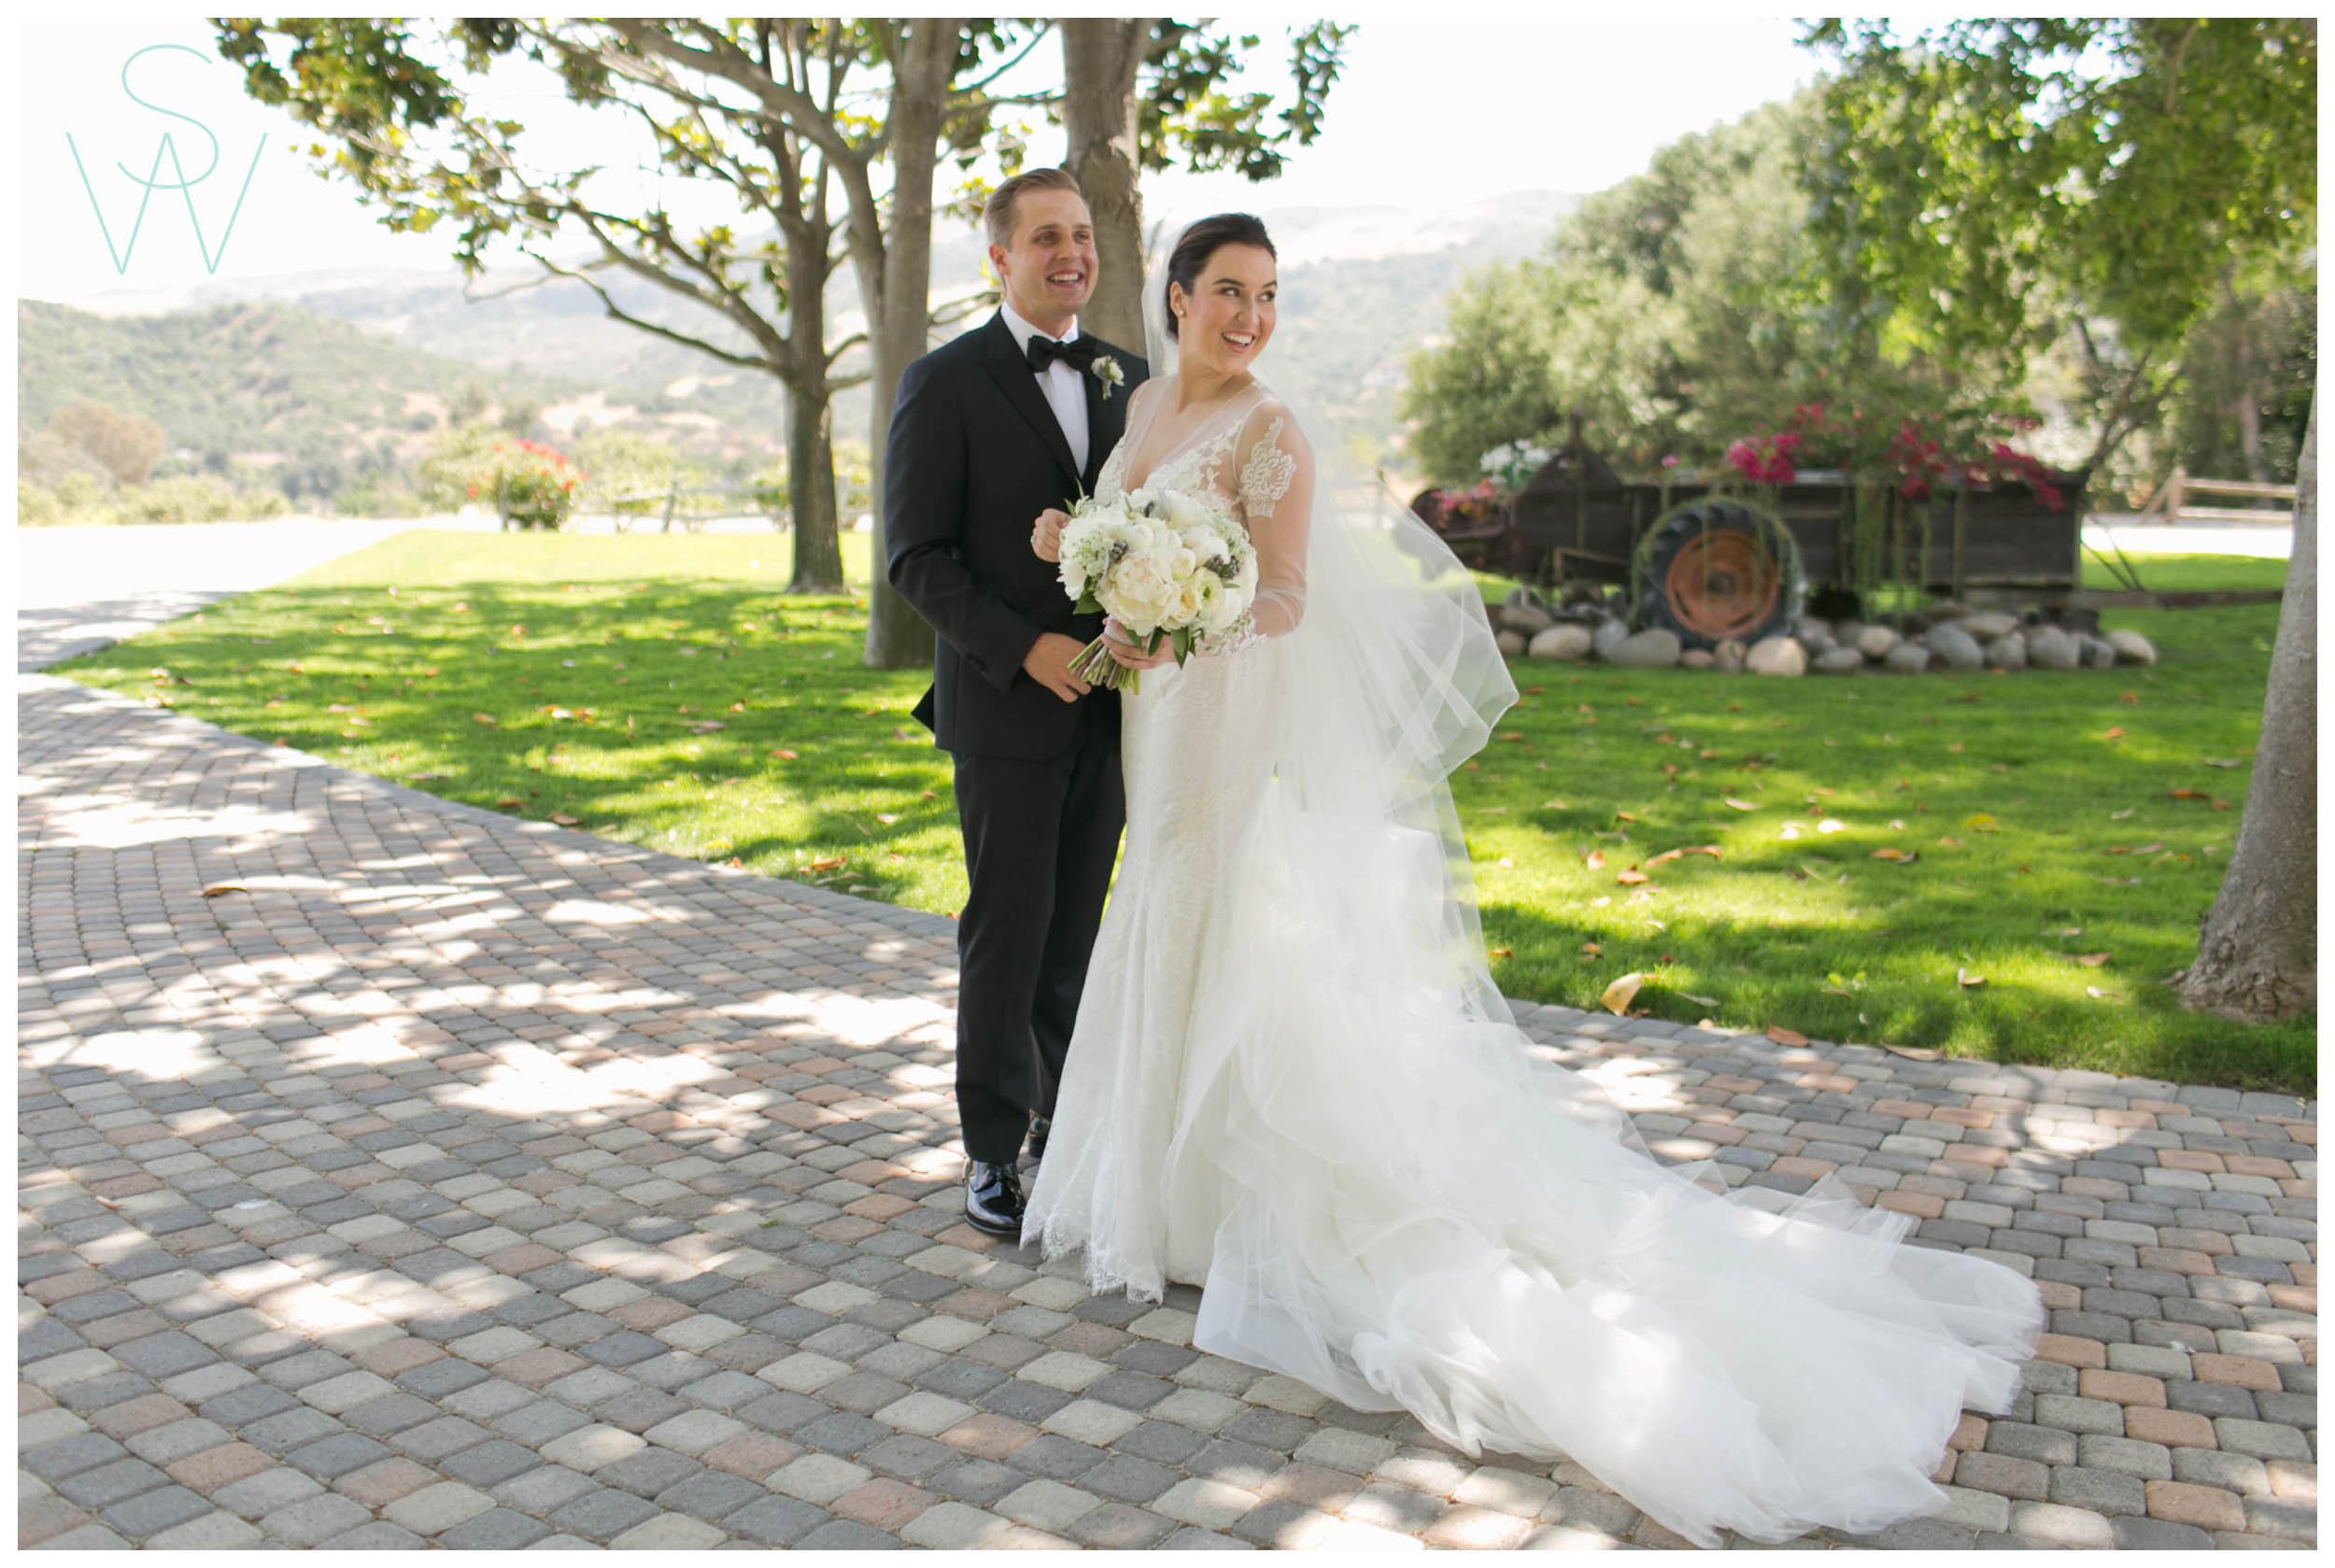 Shewanders.san_.diego_.wedding.photography.private.estate.tara_.jason-3804.jpg.diego_.wedding.photography.private.estate.tara_.jason-380.jpg